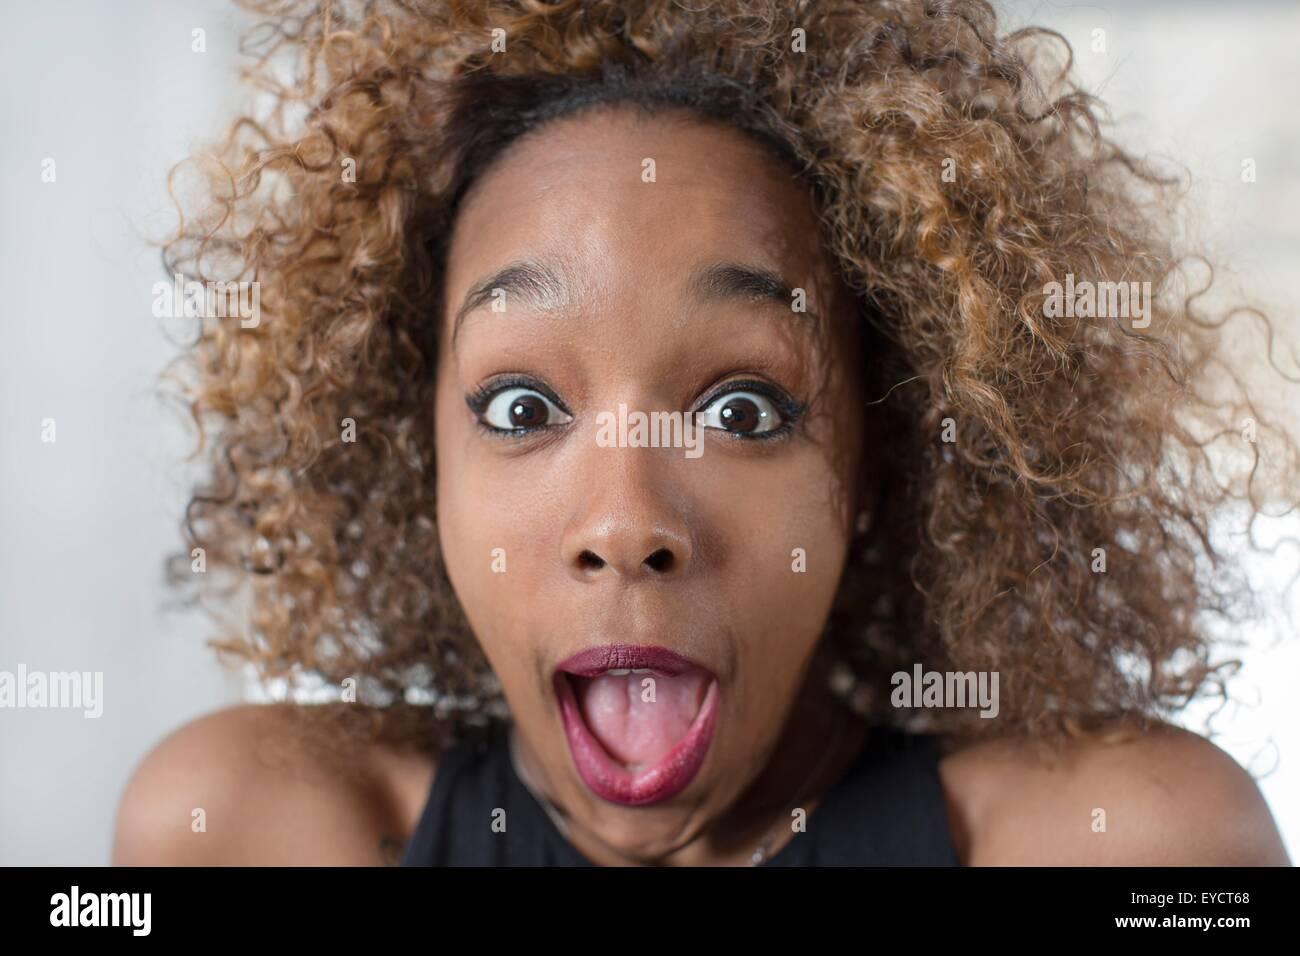 Ritratto di giovane donna tirando una faccia con la bocca aperta Immagini Stock